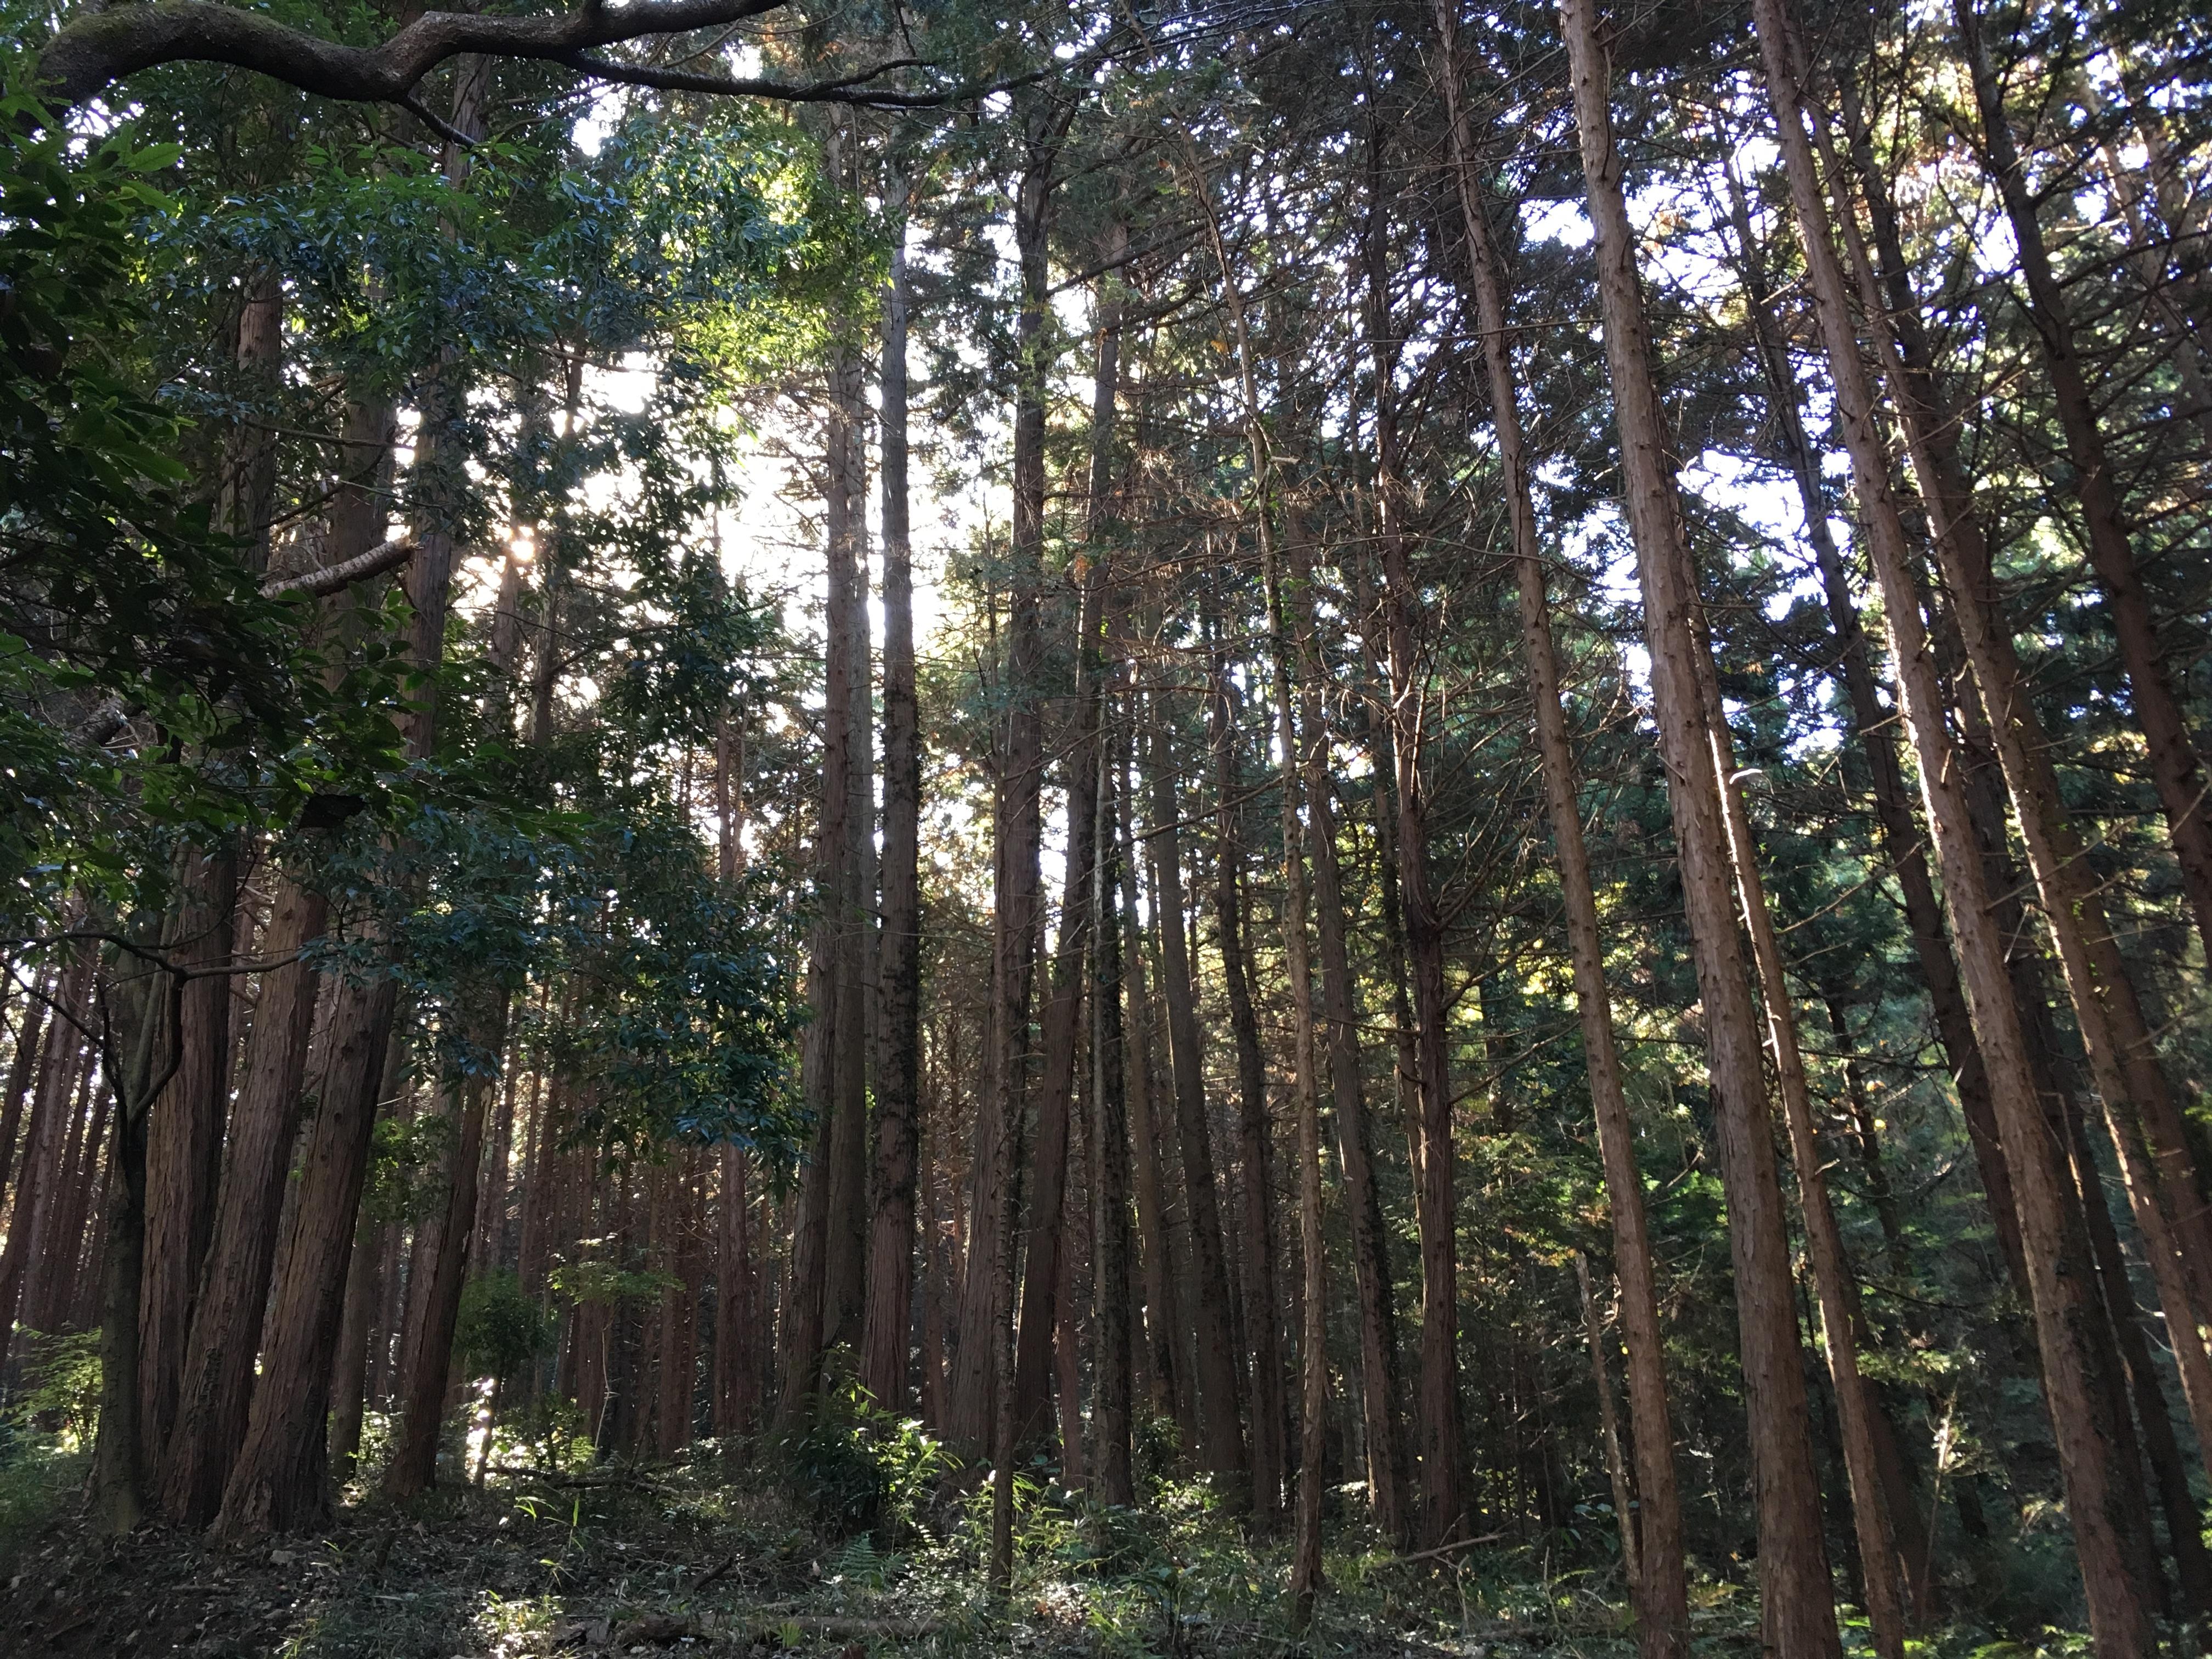 ダイエット登山 宝篋山の杉の木